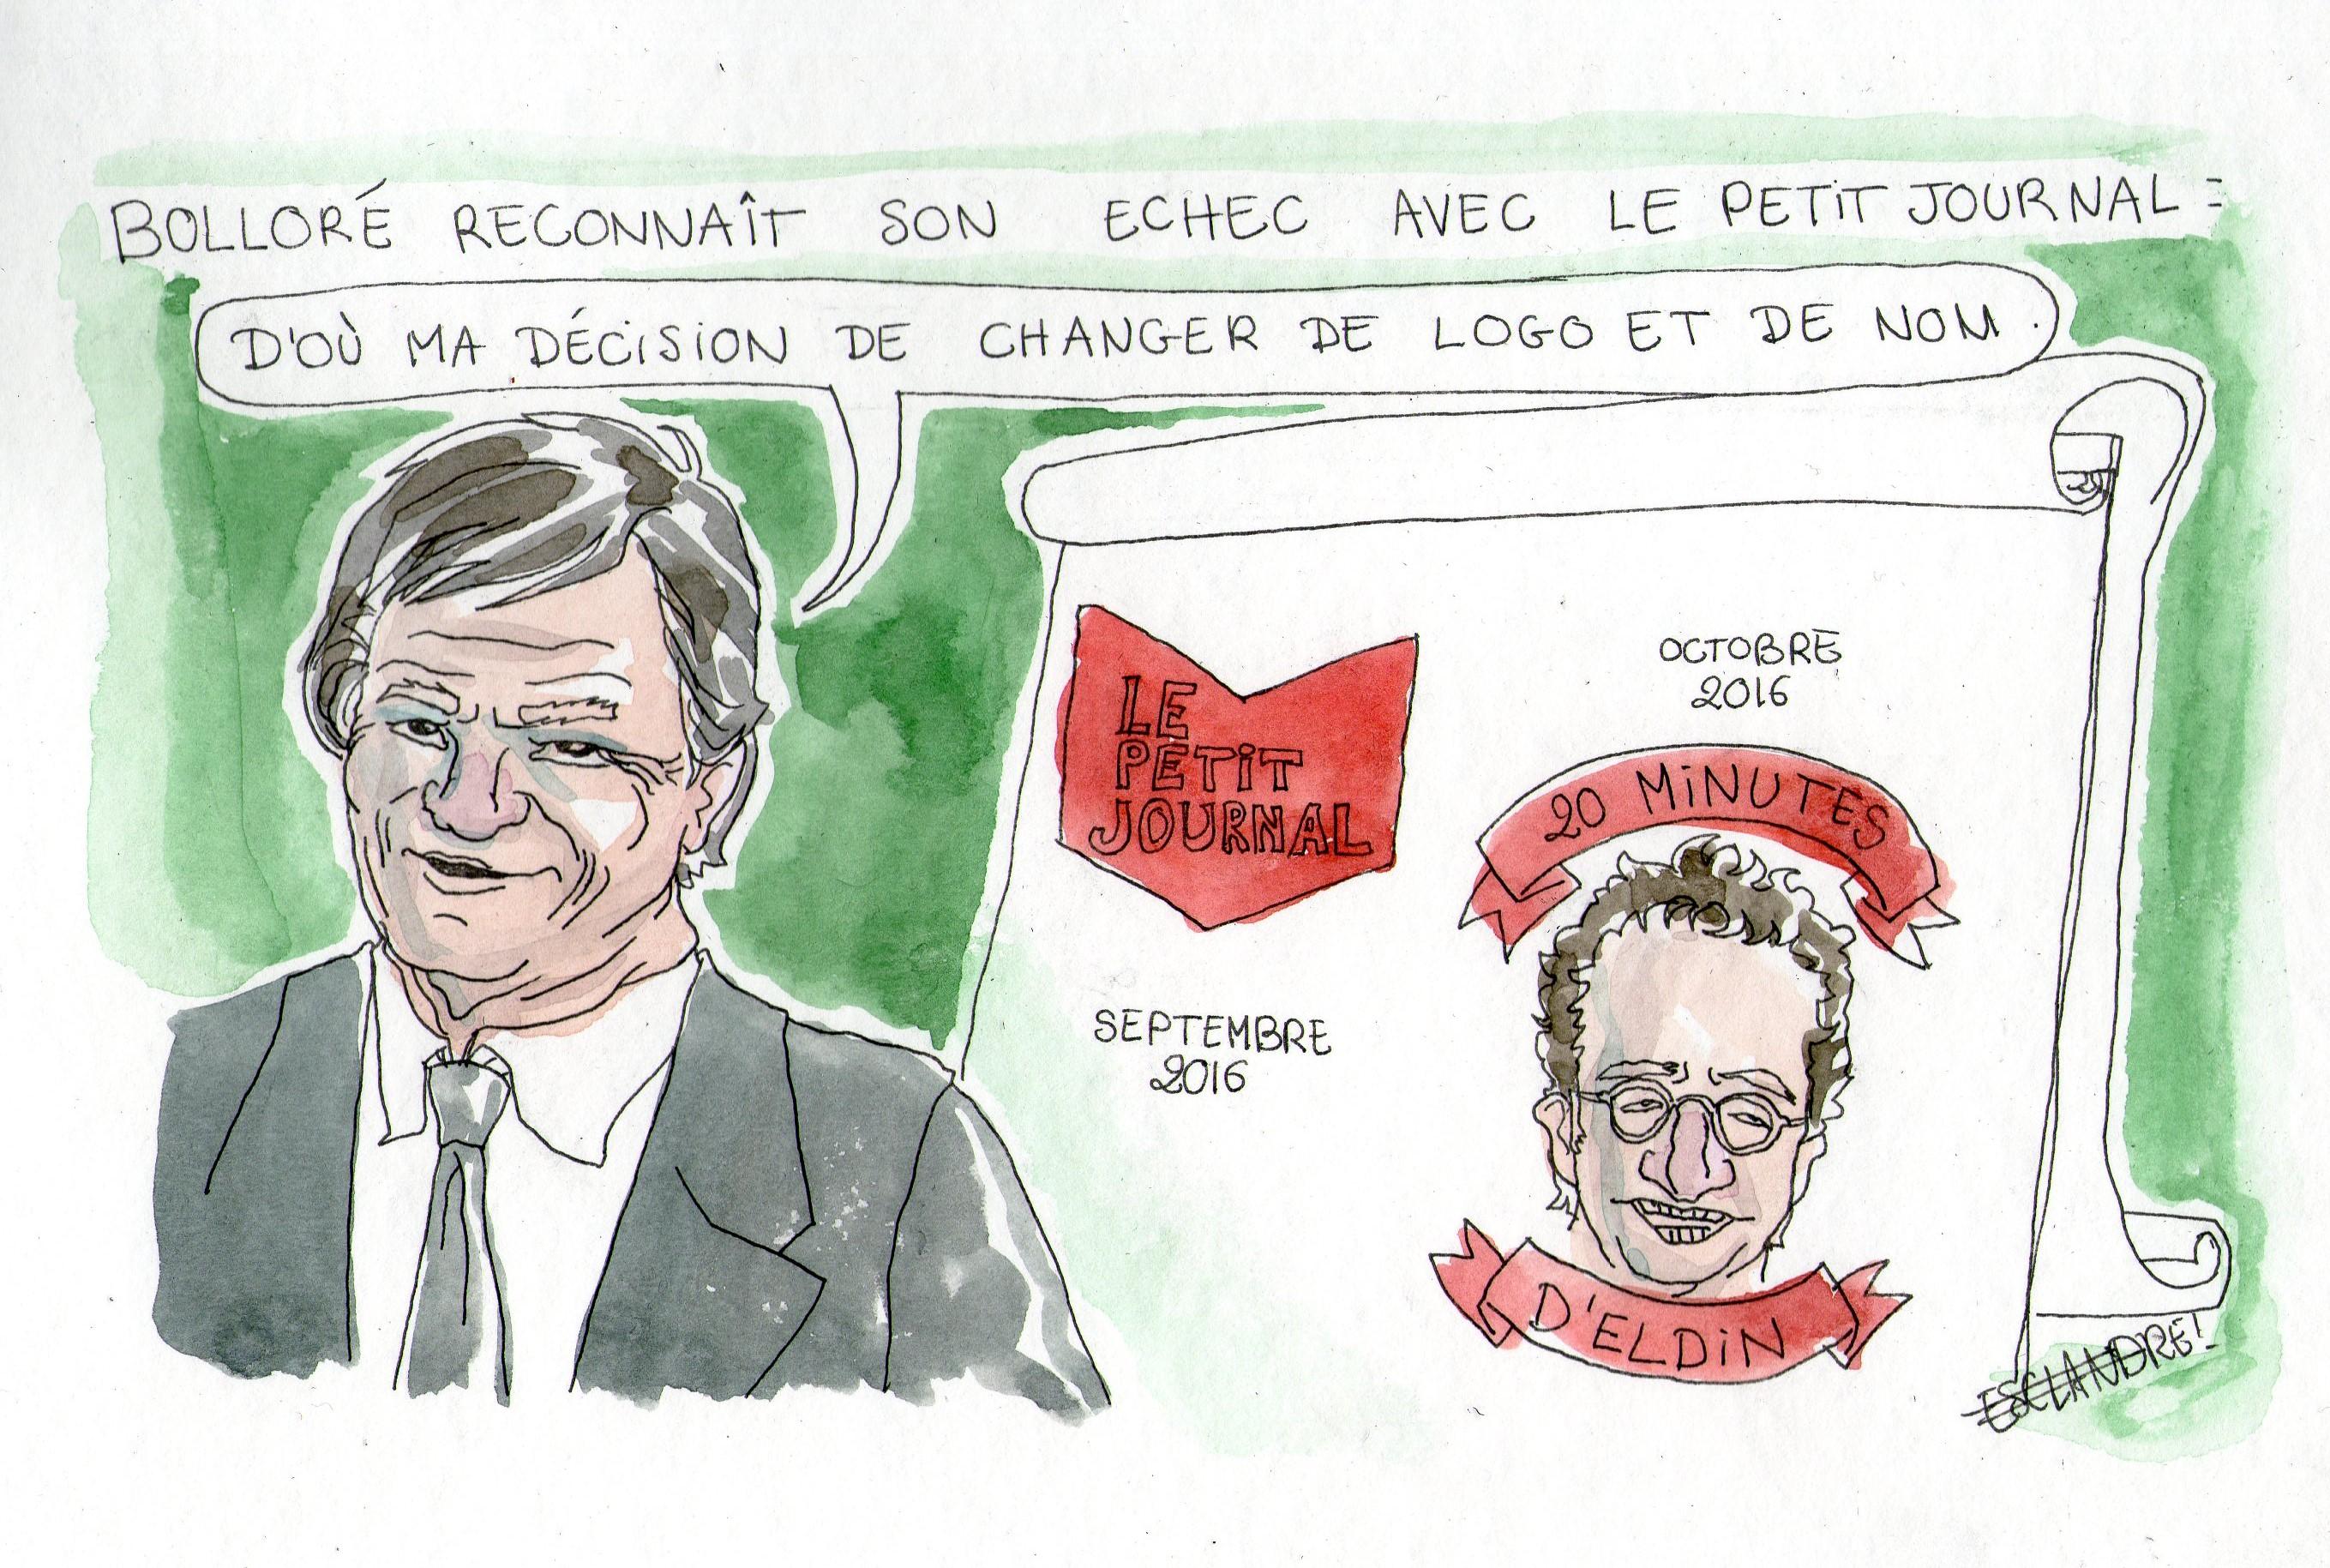 Bolloré reconnait son échec avec le Petit Journal